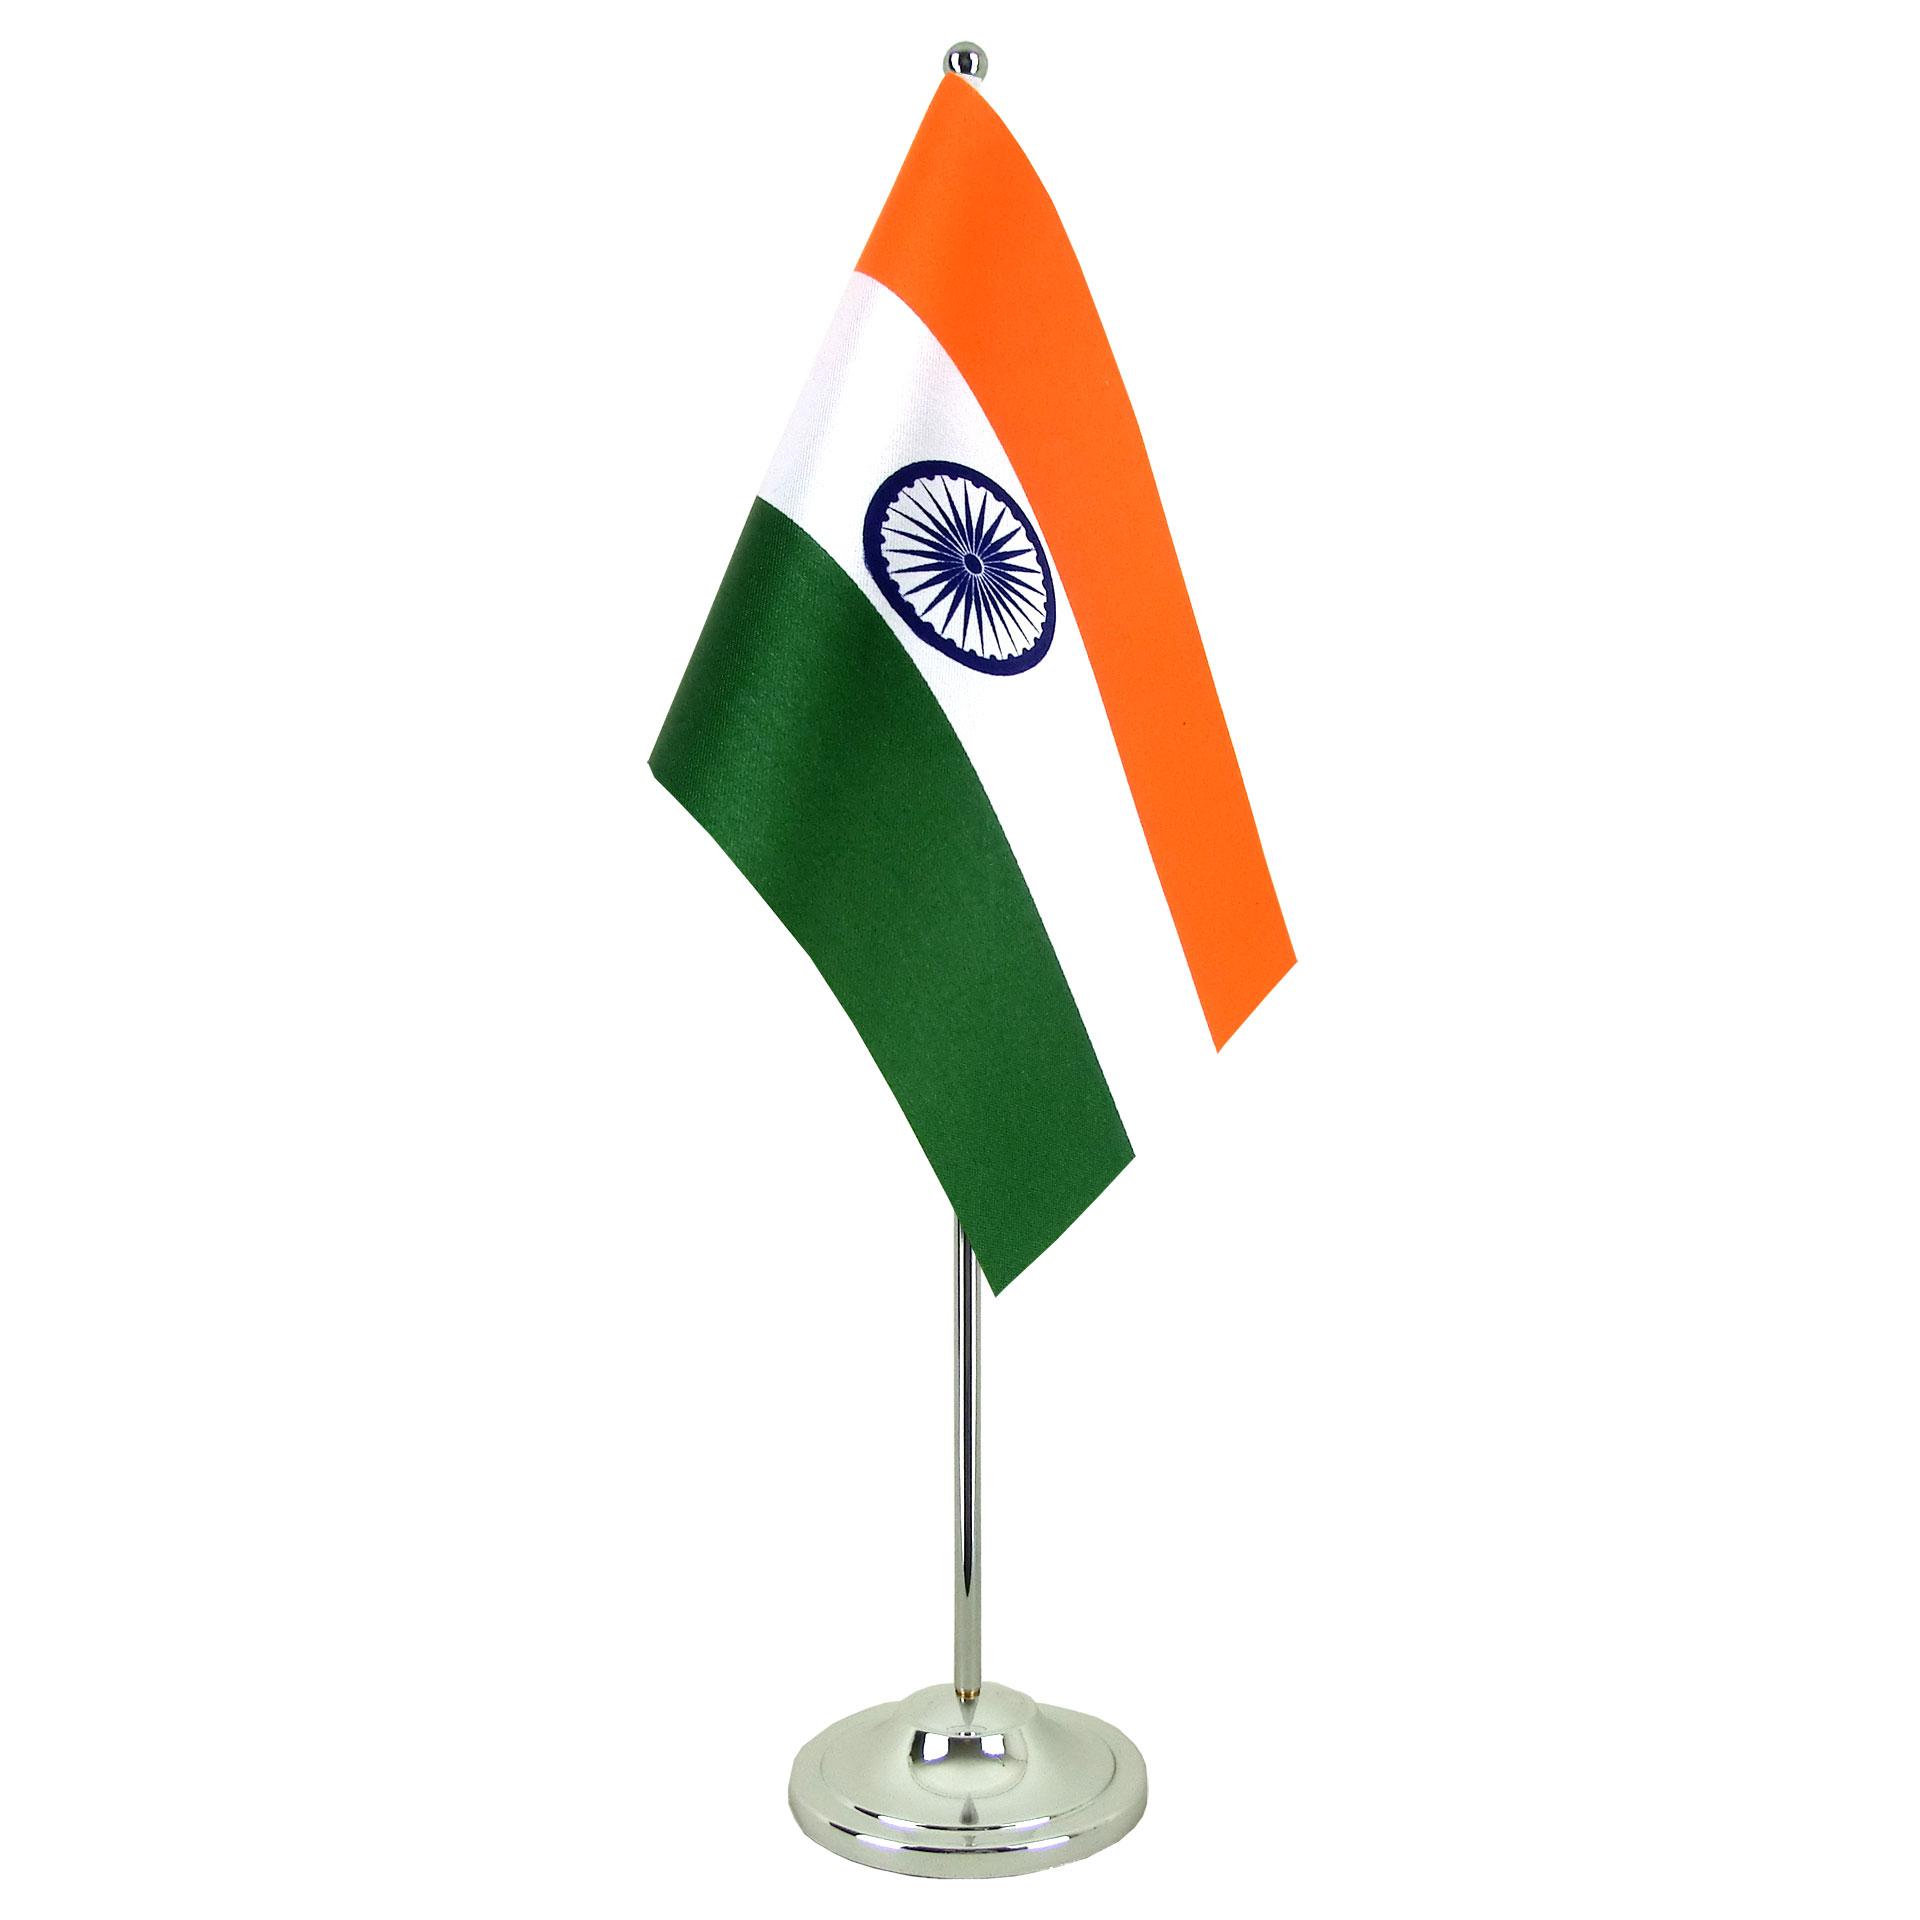 """Satin Table Flag India  6x9""""  Royalflags. Hacker Desk. Zendesk Vs Desk Com. Desk Drawer Dividers. Big Lots Glass Desk. Storage Unit With Drawers And Shelves. Drawer Unit For Desk. Kids Lap Desk With Storage. Two Sided Desk"""